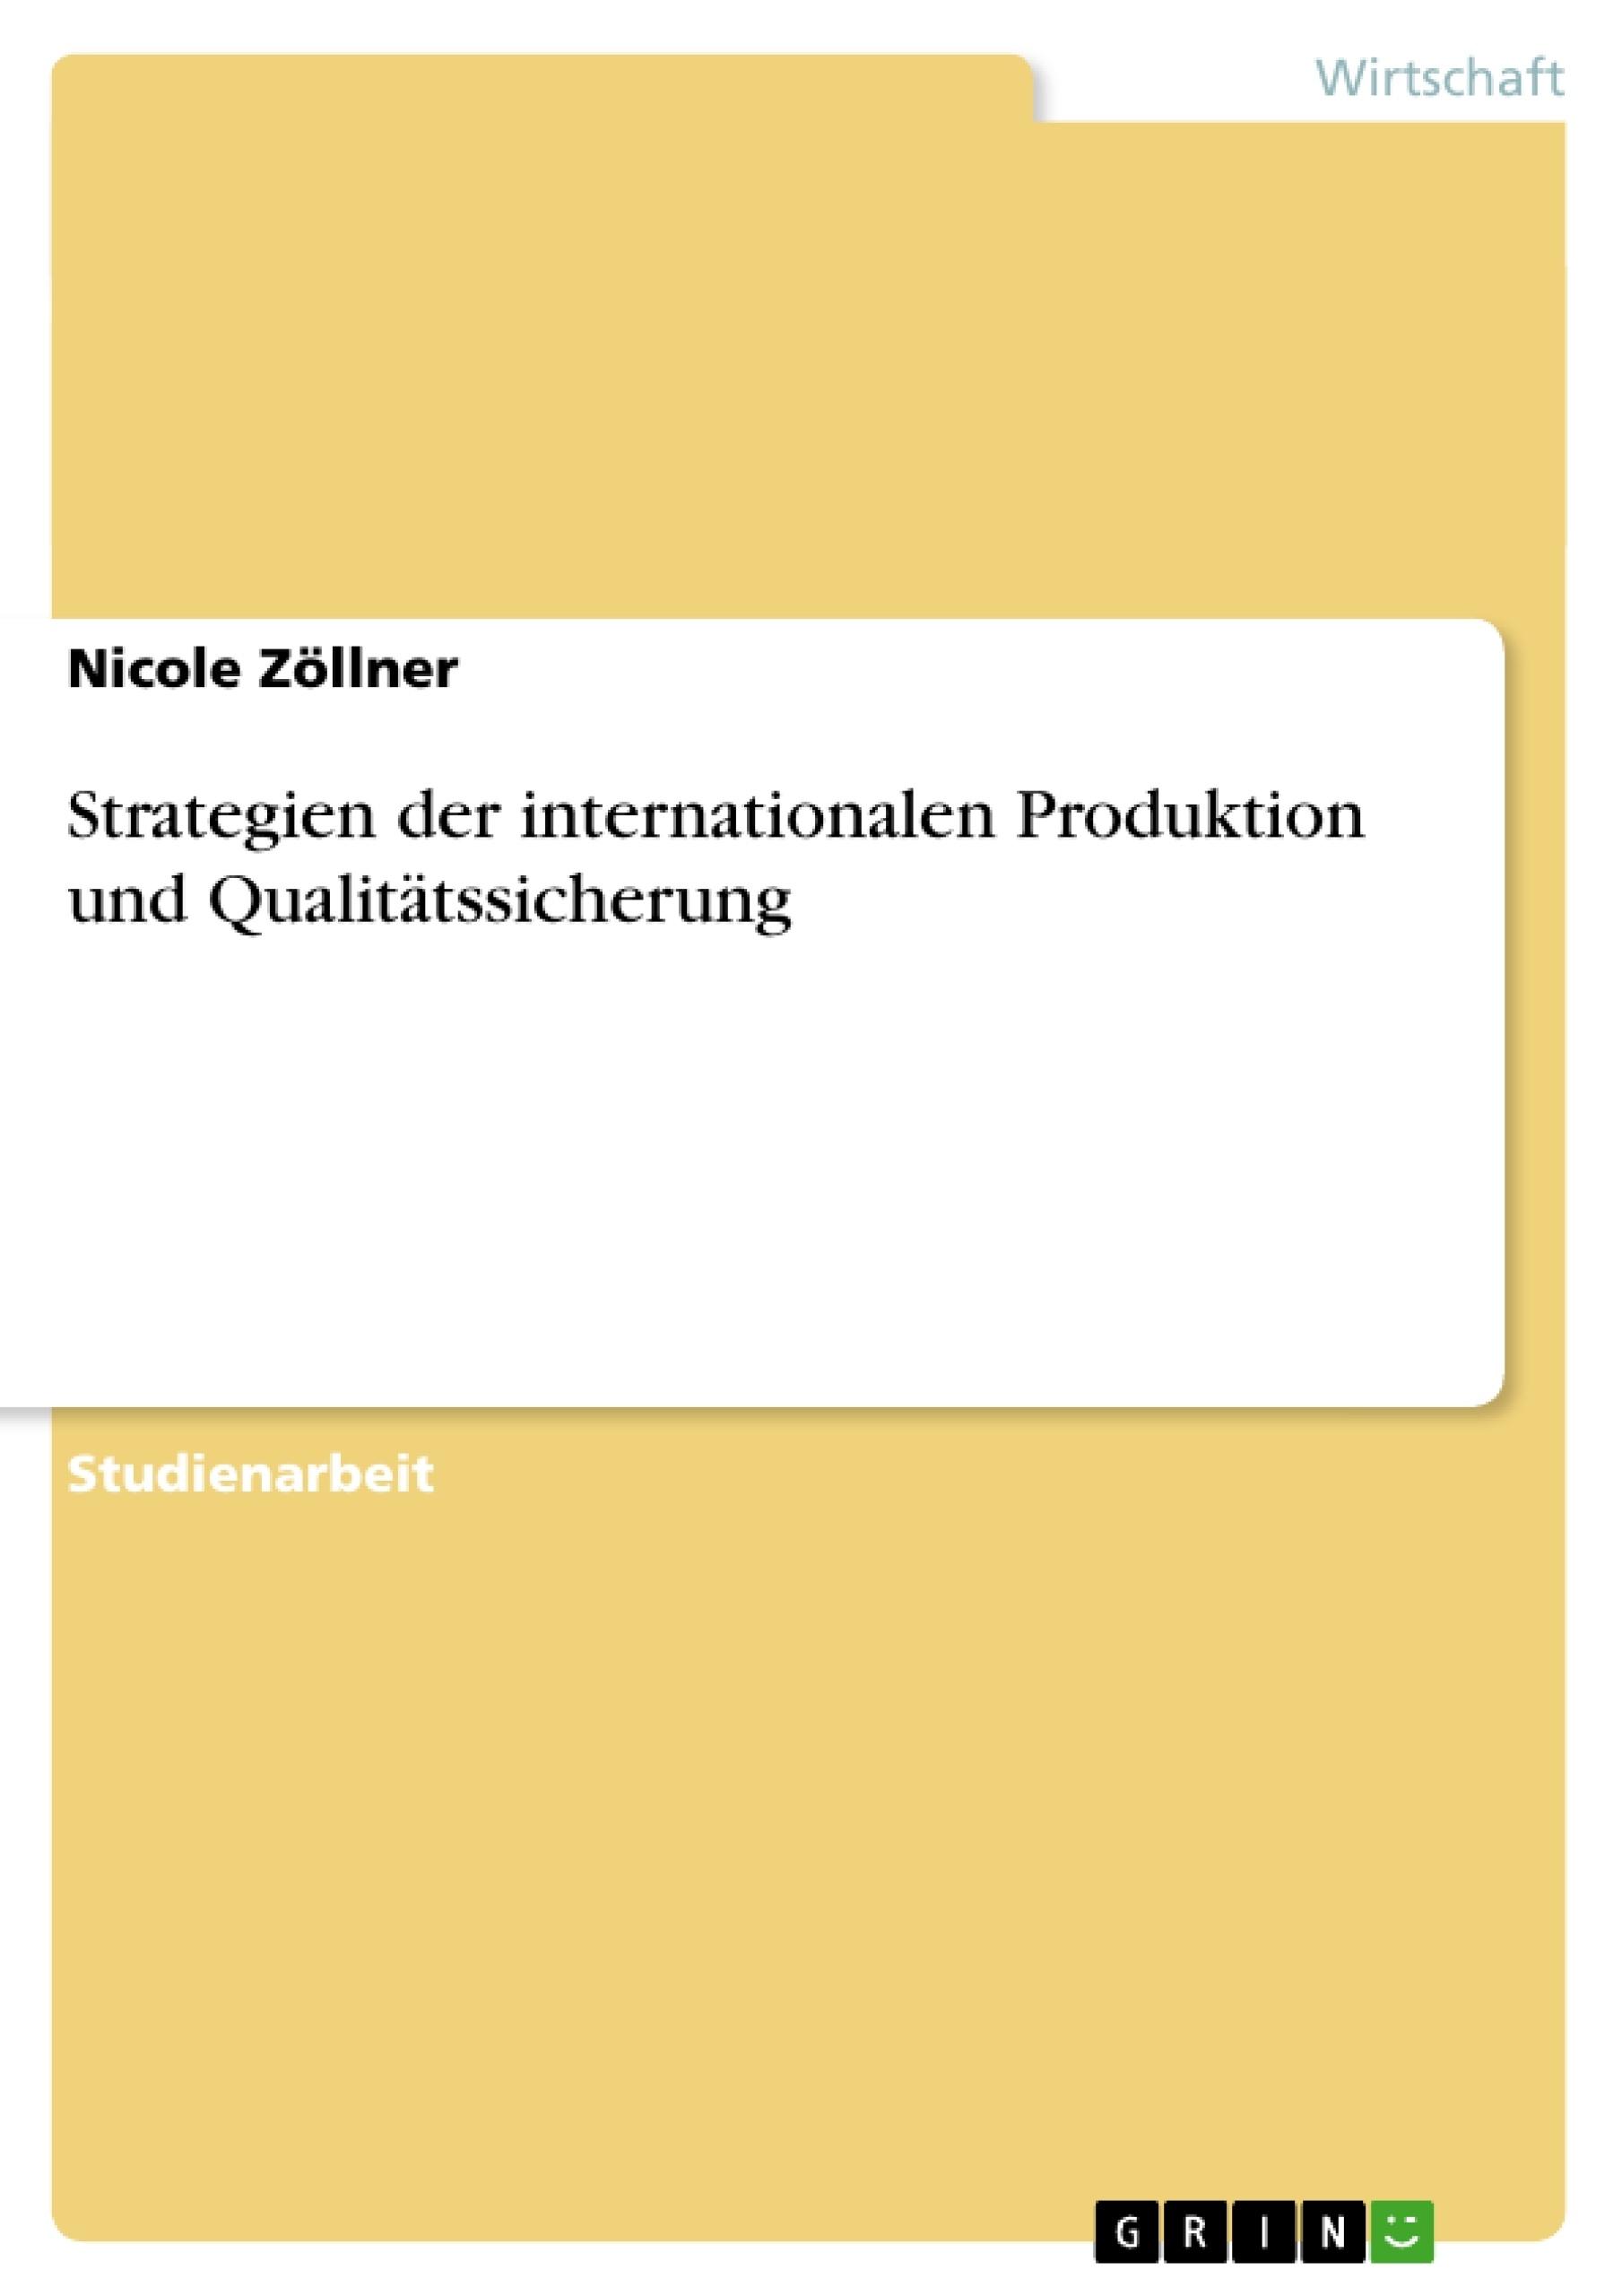 Titel: Strategien der internationalen Produktion und Qualitätssicherung